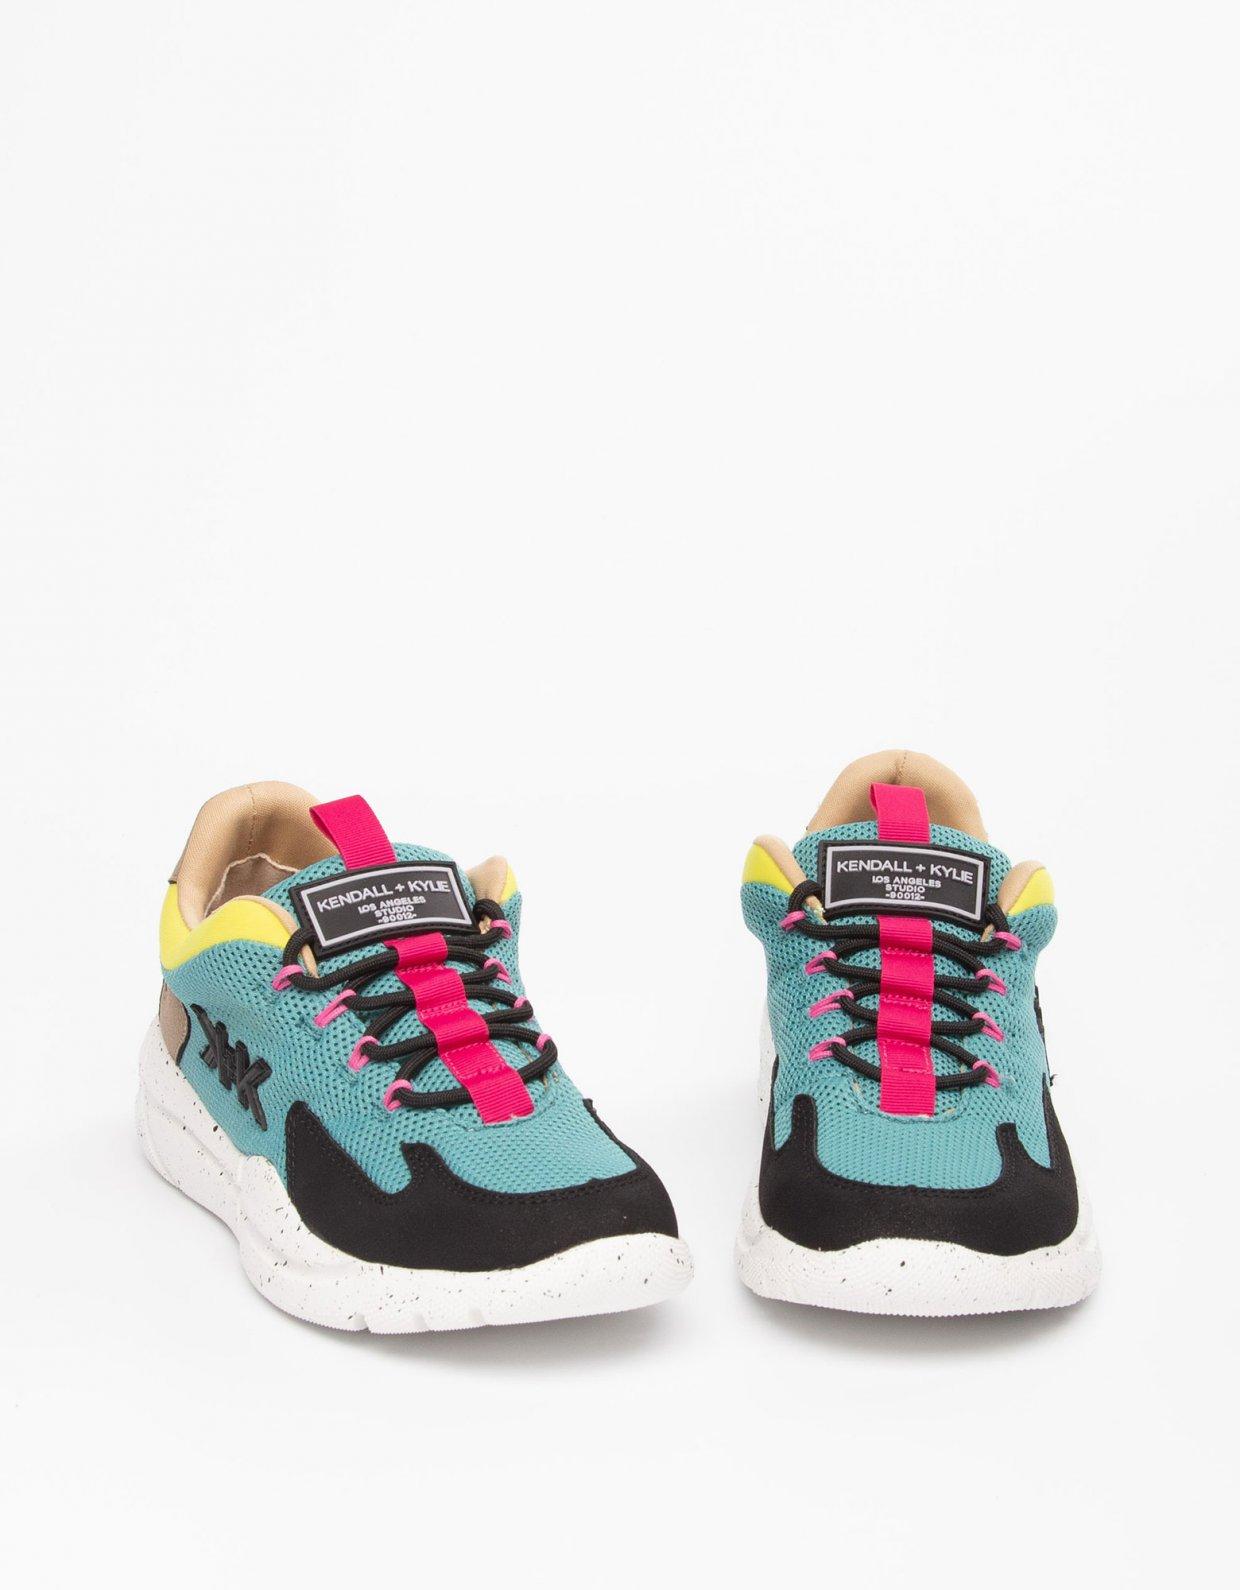 Kendall + Kylie Noemi sneakers black/teal/yellow